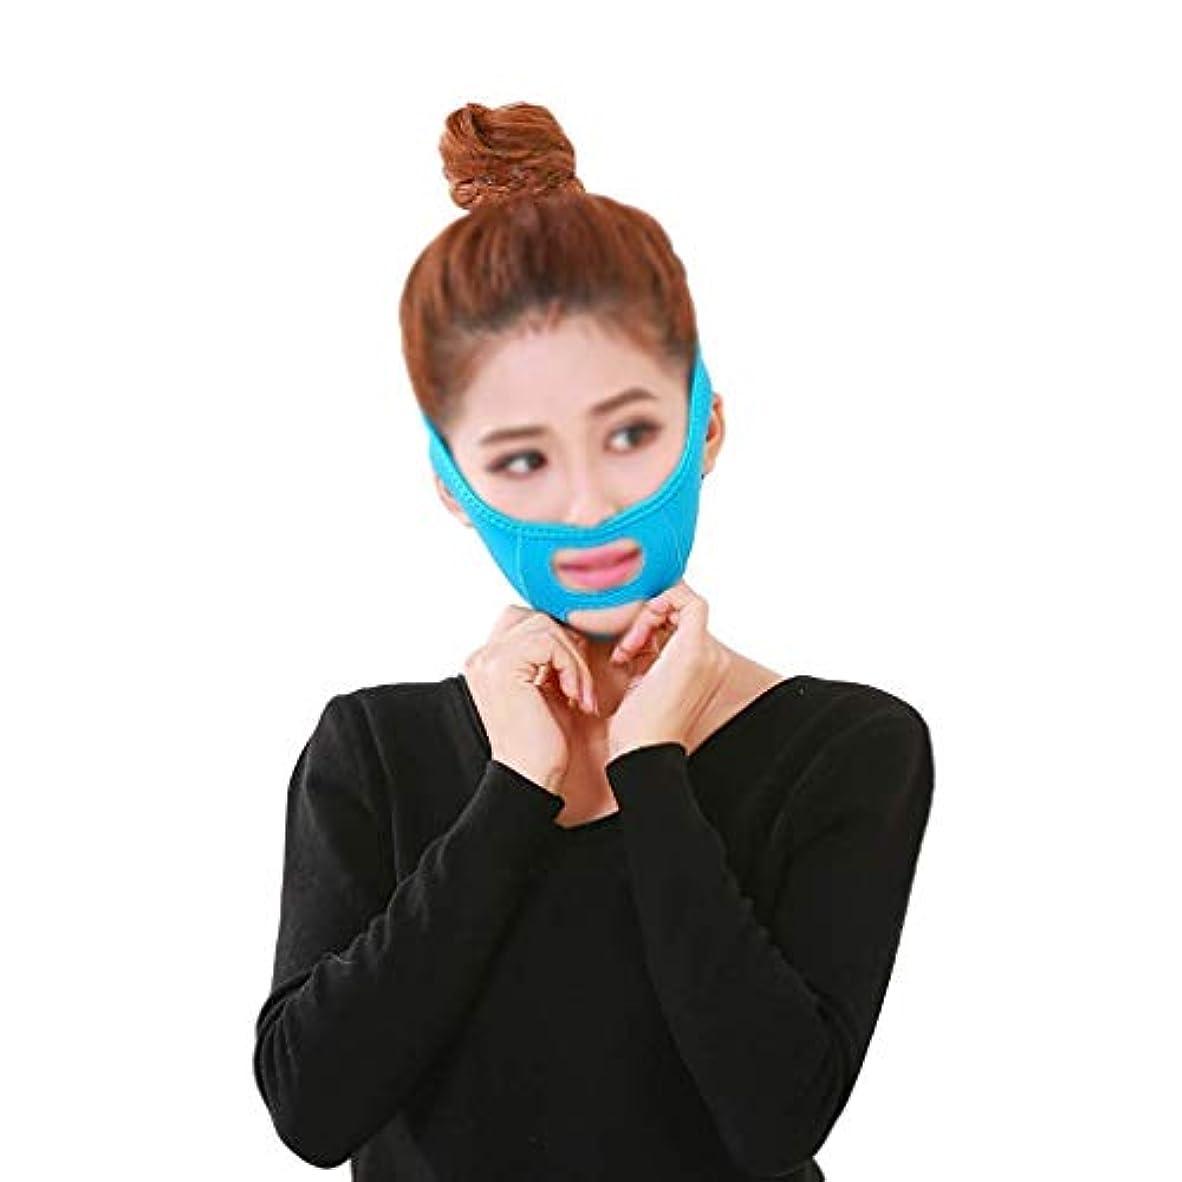 テープ申し立てられたリンケージフェイスリフトフェイシャル、肌のリラクゼーションを防ぐためのタイトなVフェイスマスクVフェイスアーティファクトフェイスリフトバンデージフェイスケア(色:青)